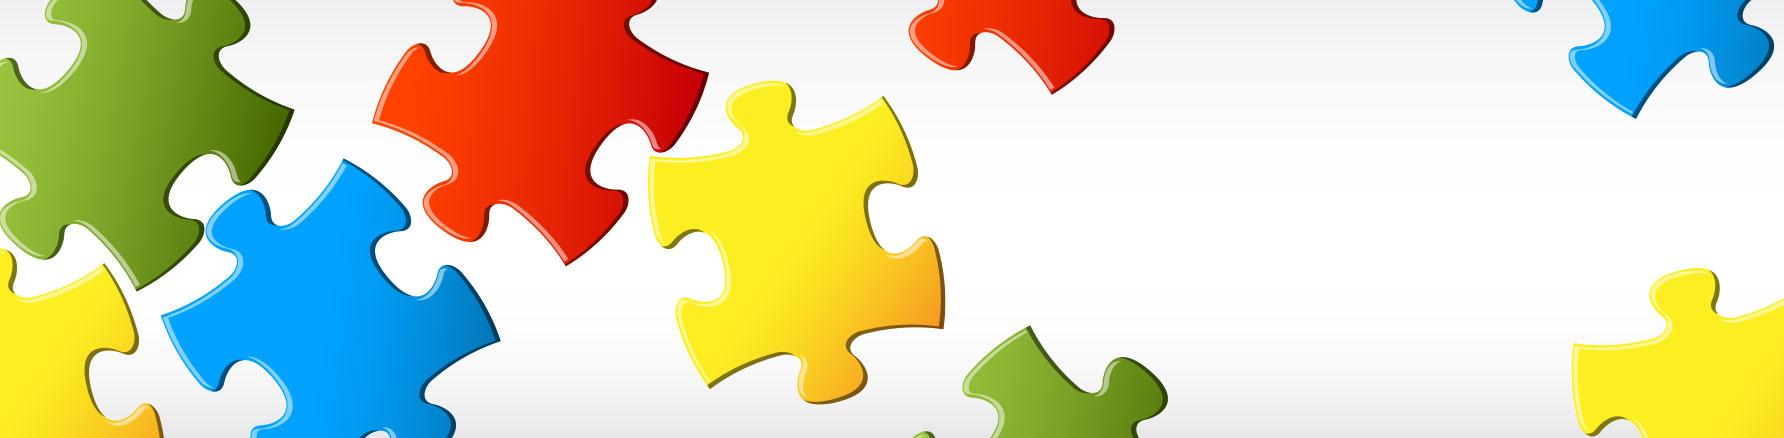 puzzle układanie